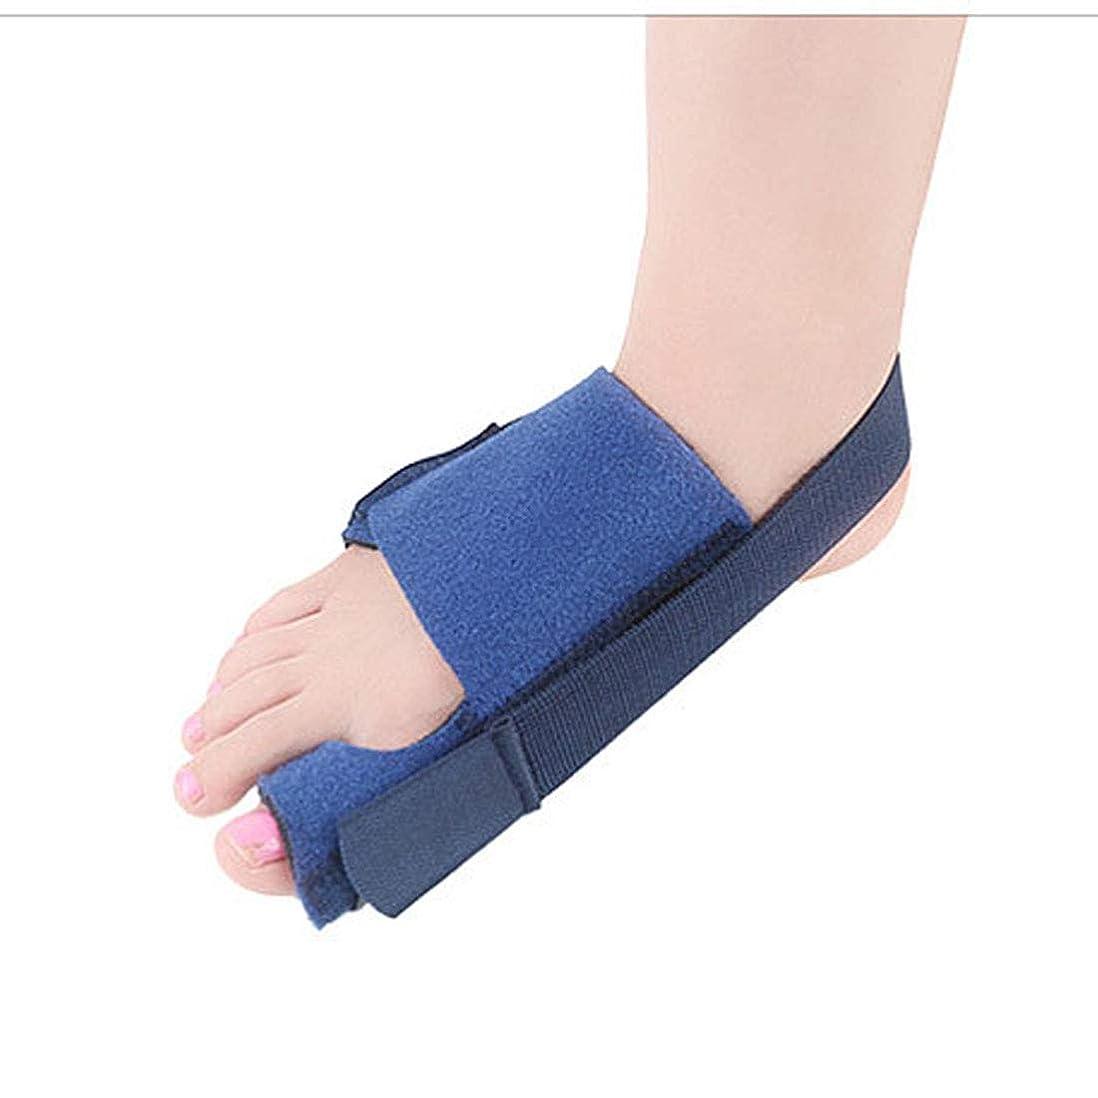 同時ちょうつがい共産主義腱膜瘤矯正と腱膜瘤救済、女性と男性のための整形外科の足の親指矯正、昼夜のサポート、外反母Valの治療と予防,rightfoot